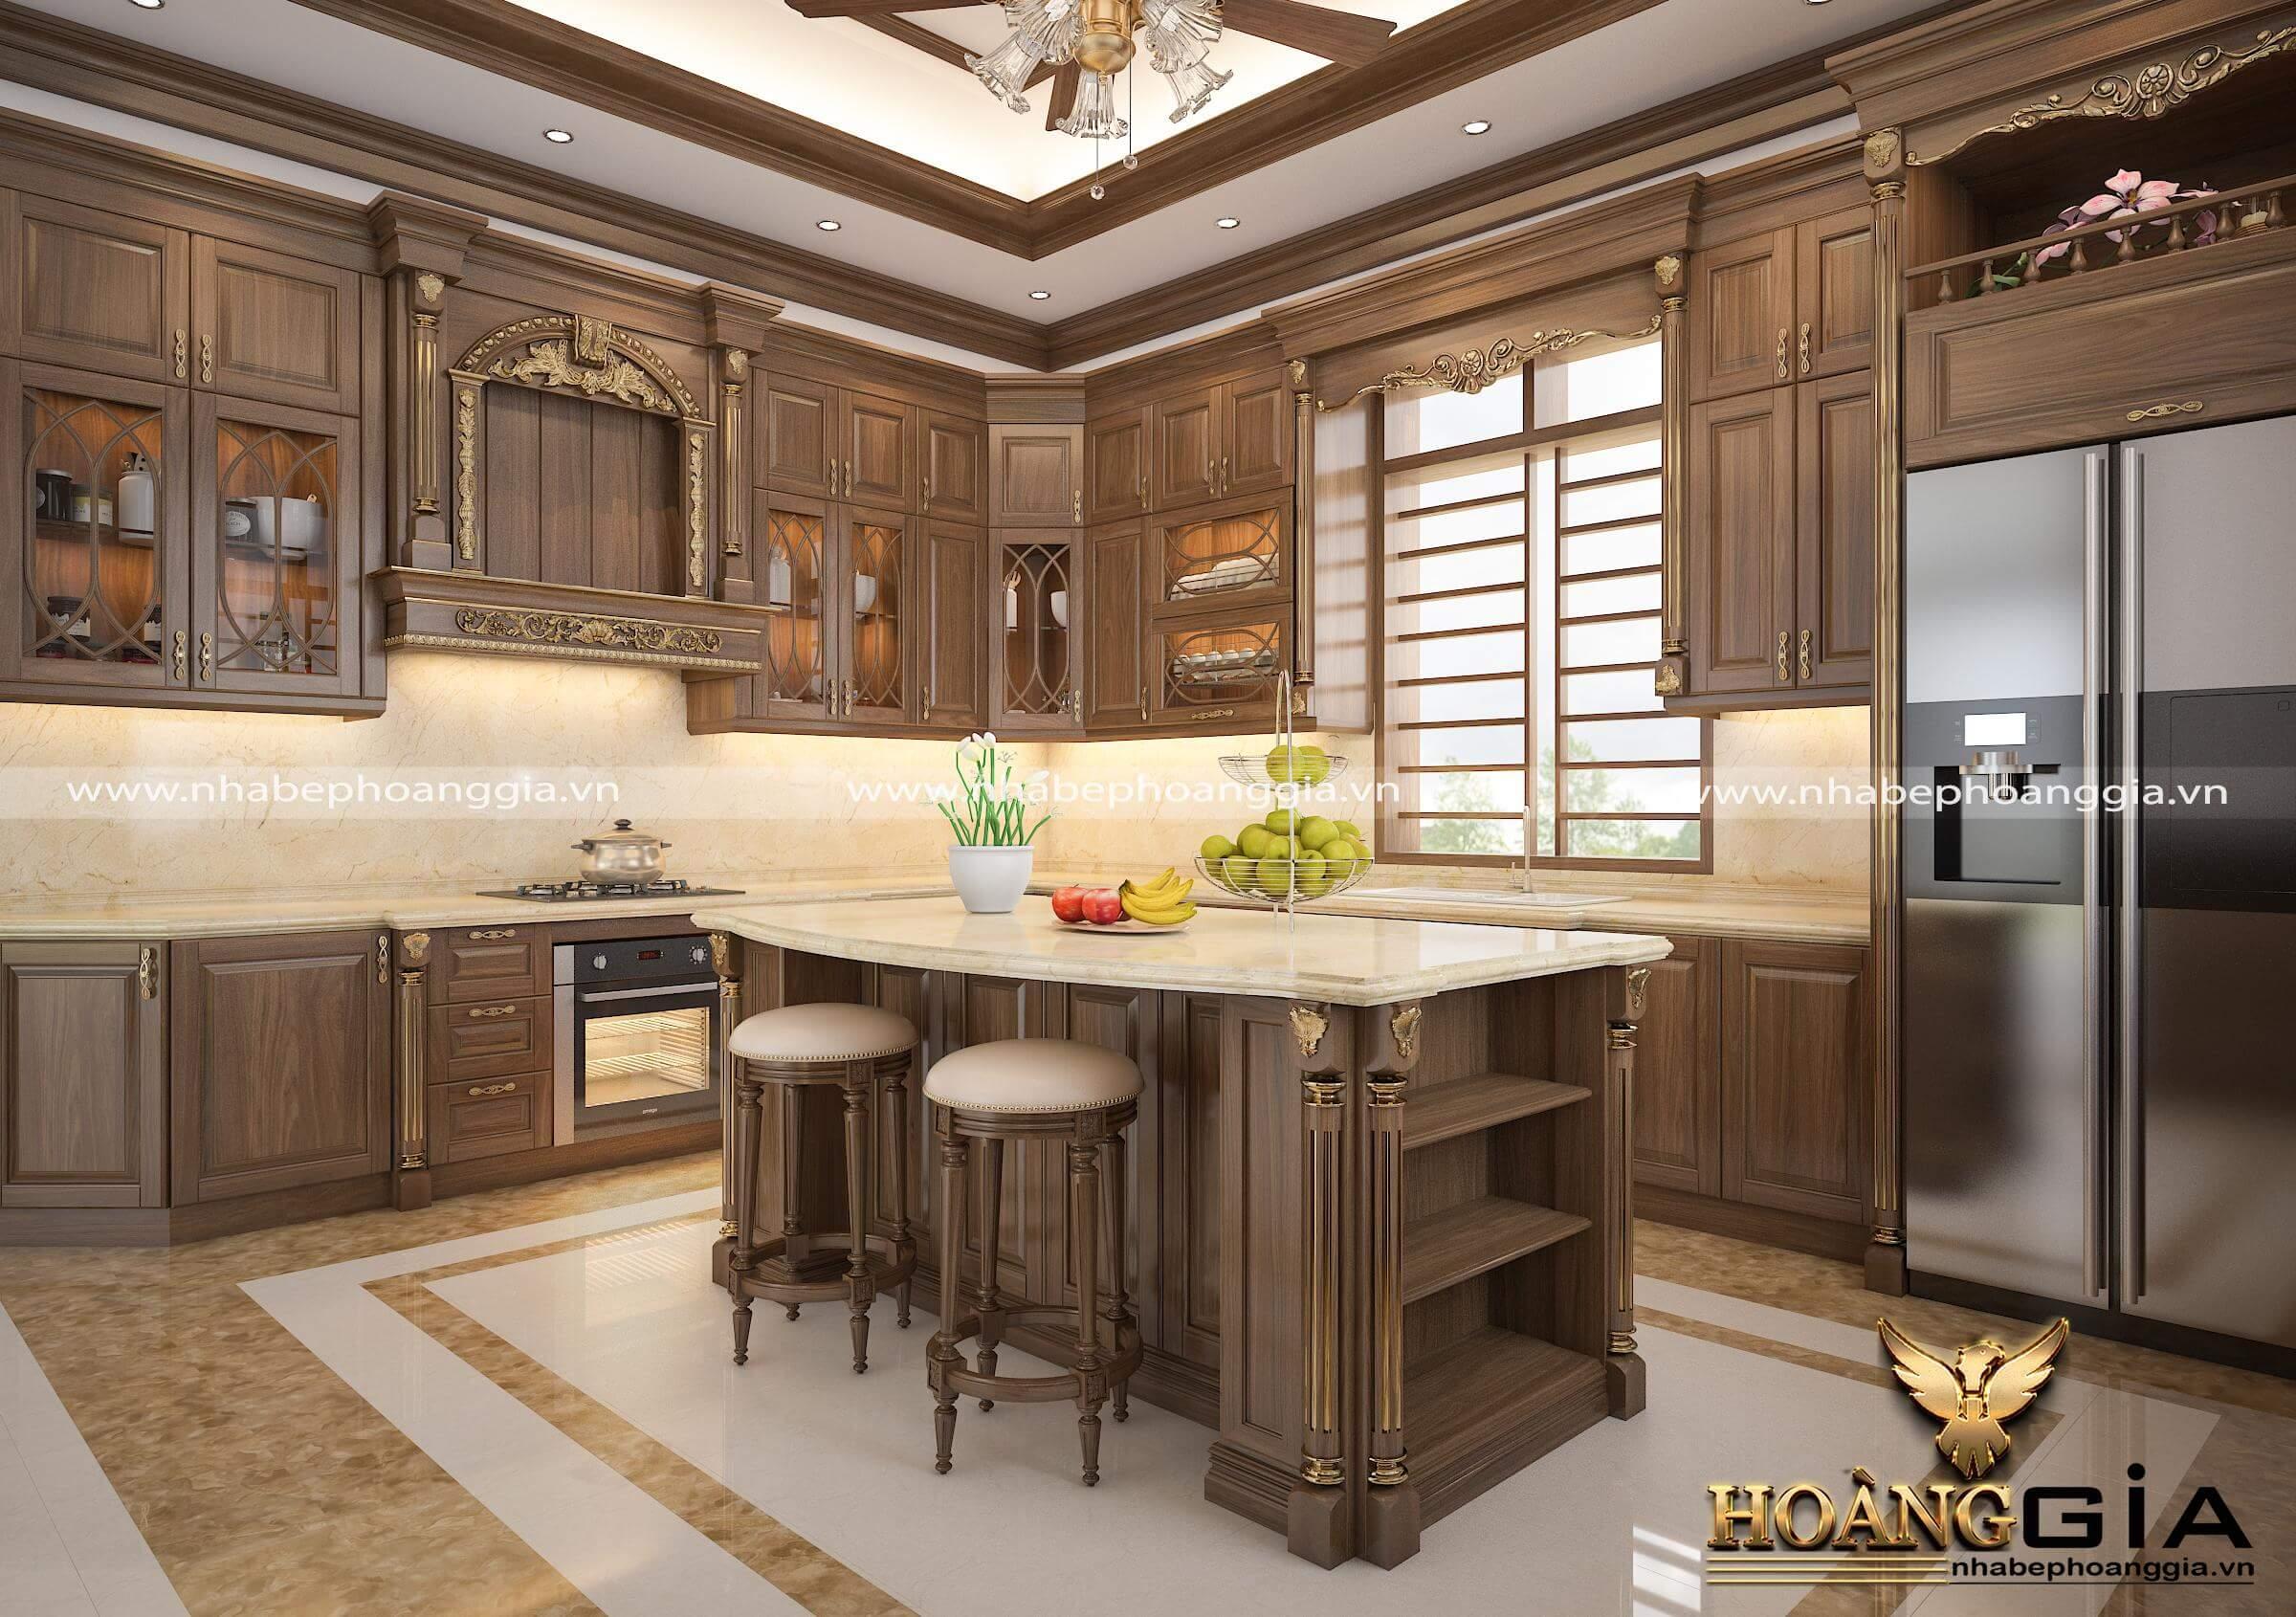 thiết kế thi công tủ bếp tại Thái Bình